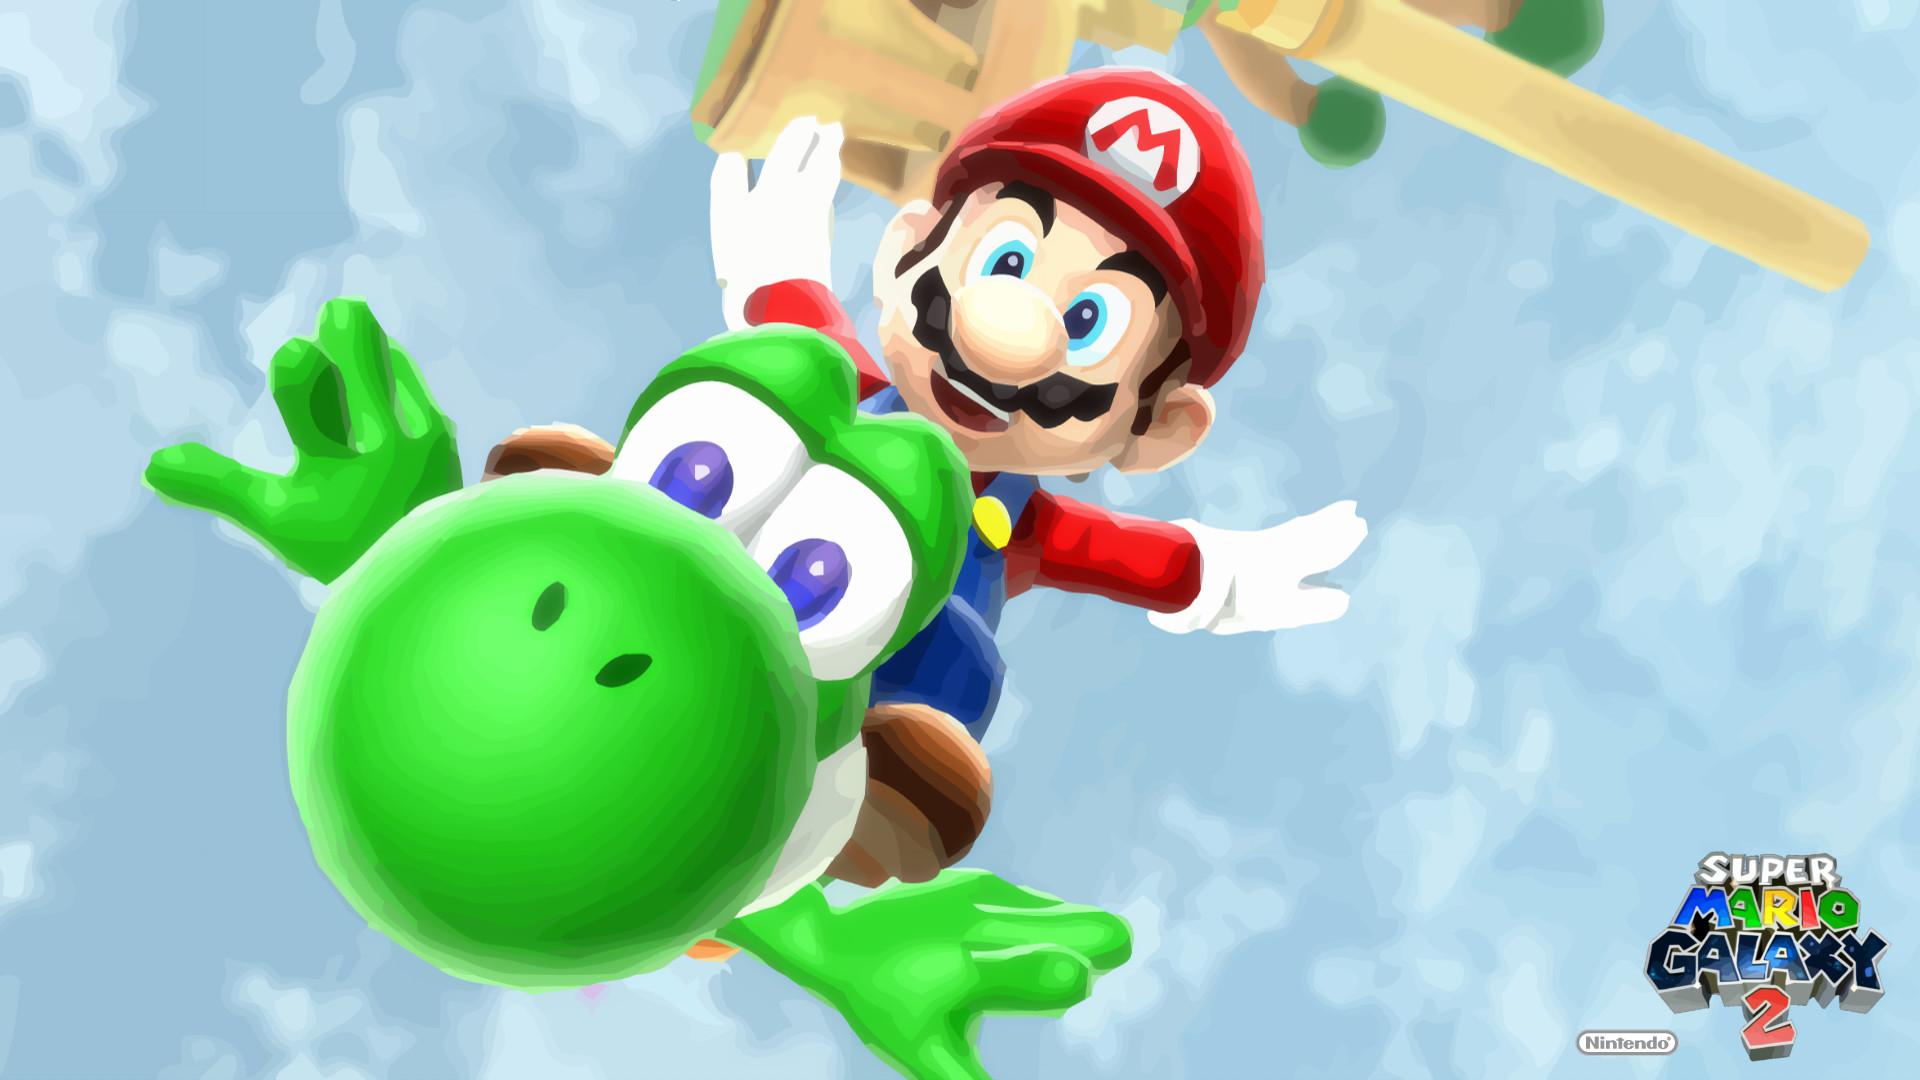 Super Mario Galaxy 2 Wallpapers HD – Wallpaper Cave